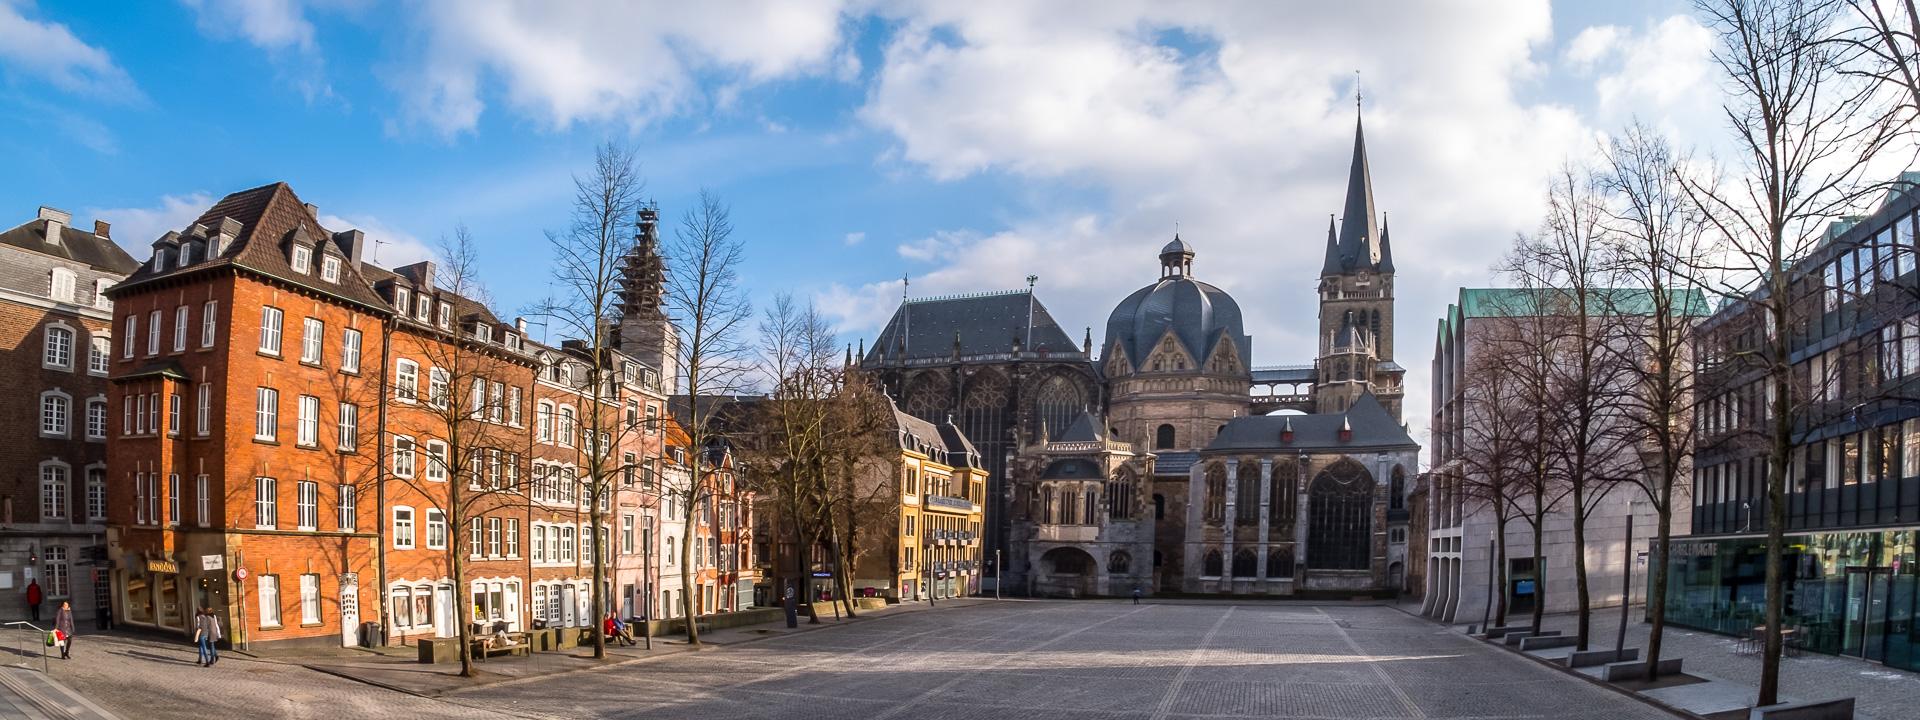 Aachen - Technologie und Wachstum